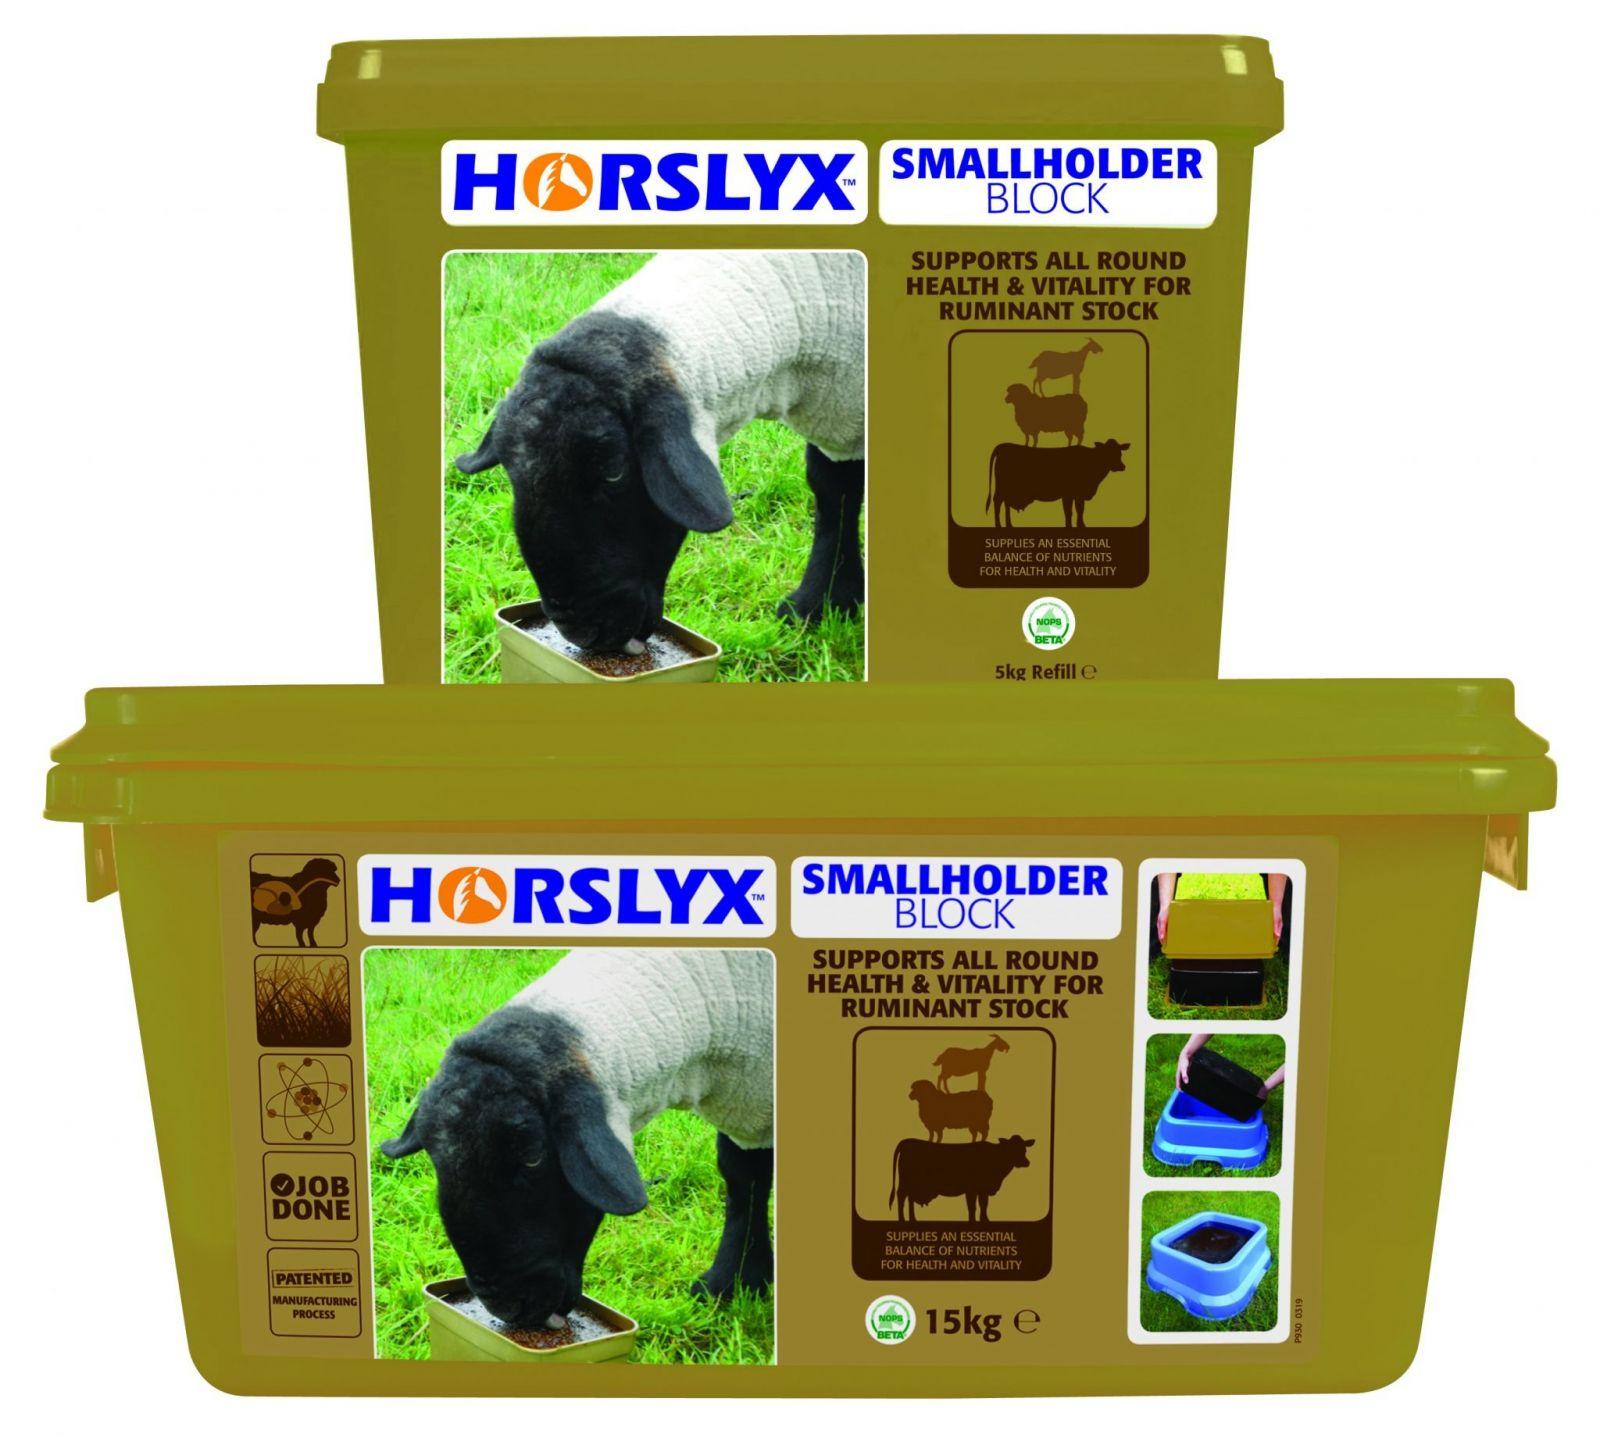 Horslyx Smallholder Block